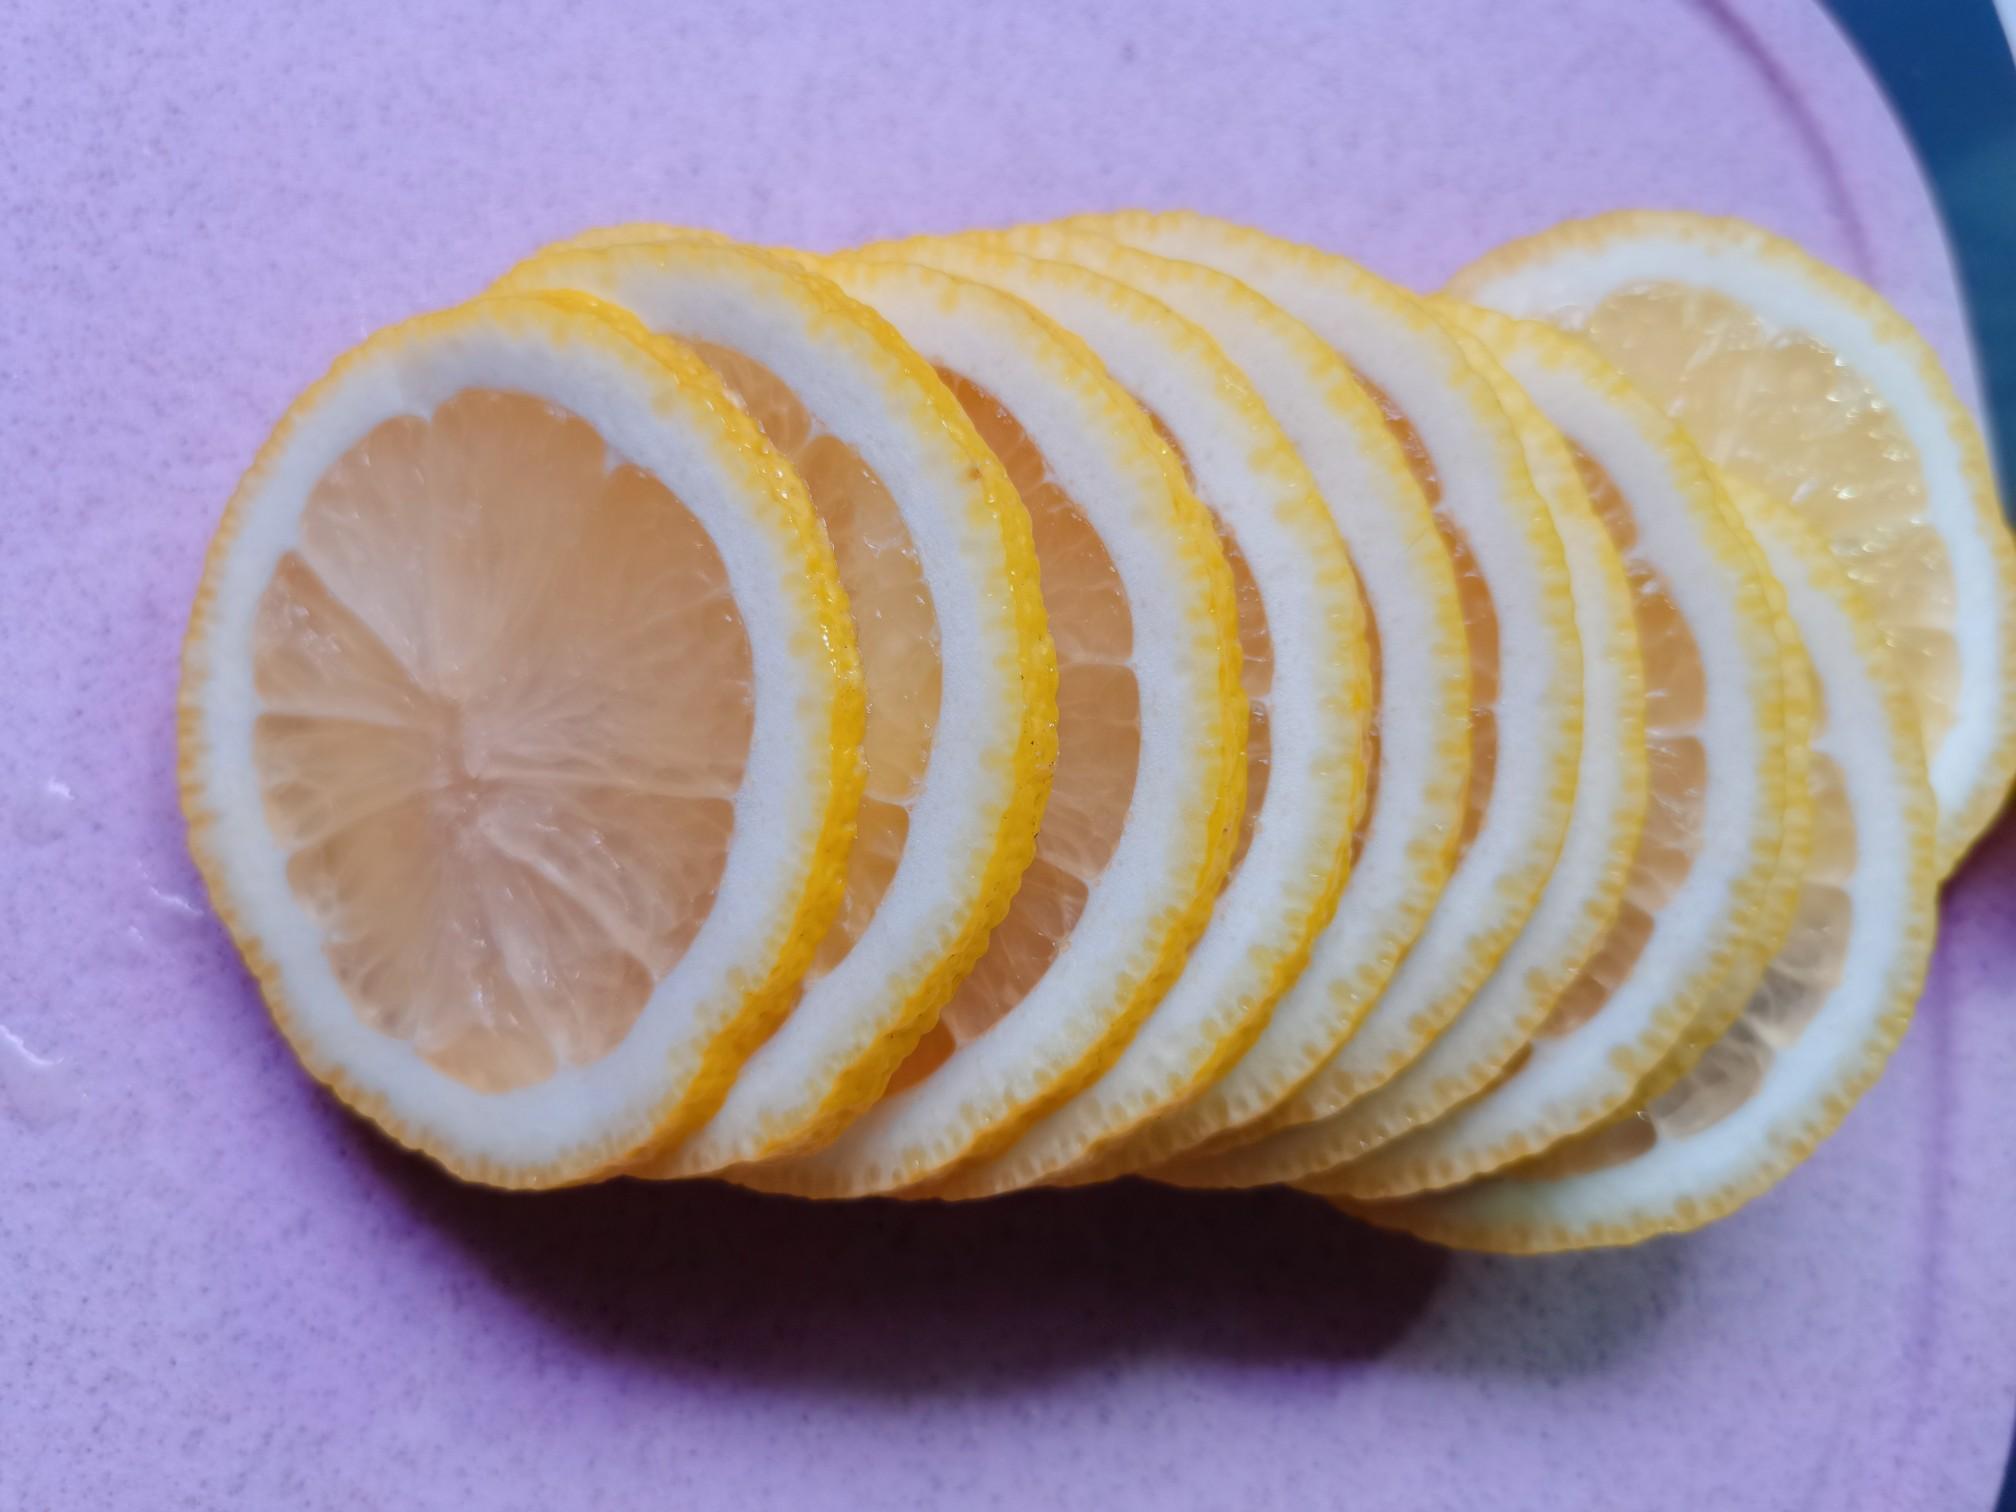 冰糖柠檬的简单做法